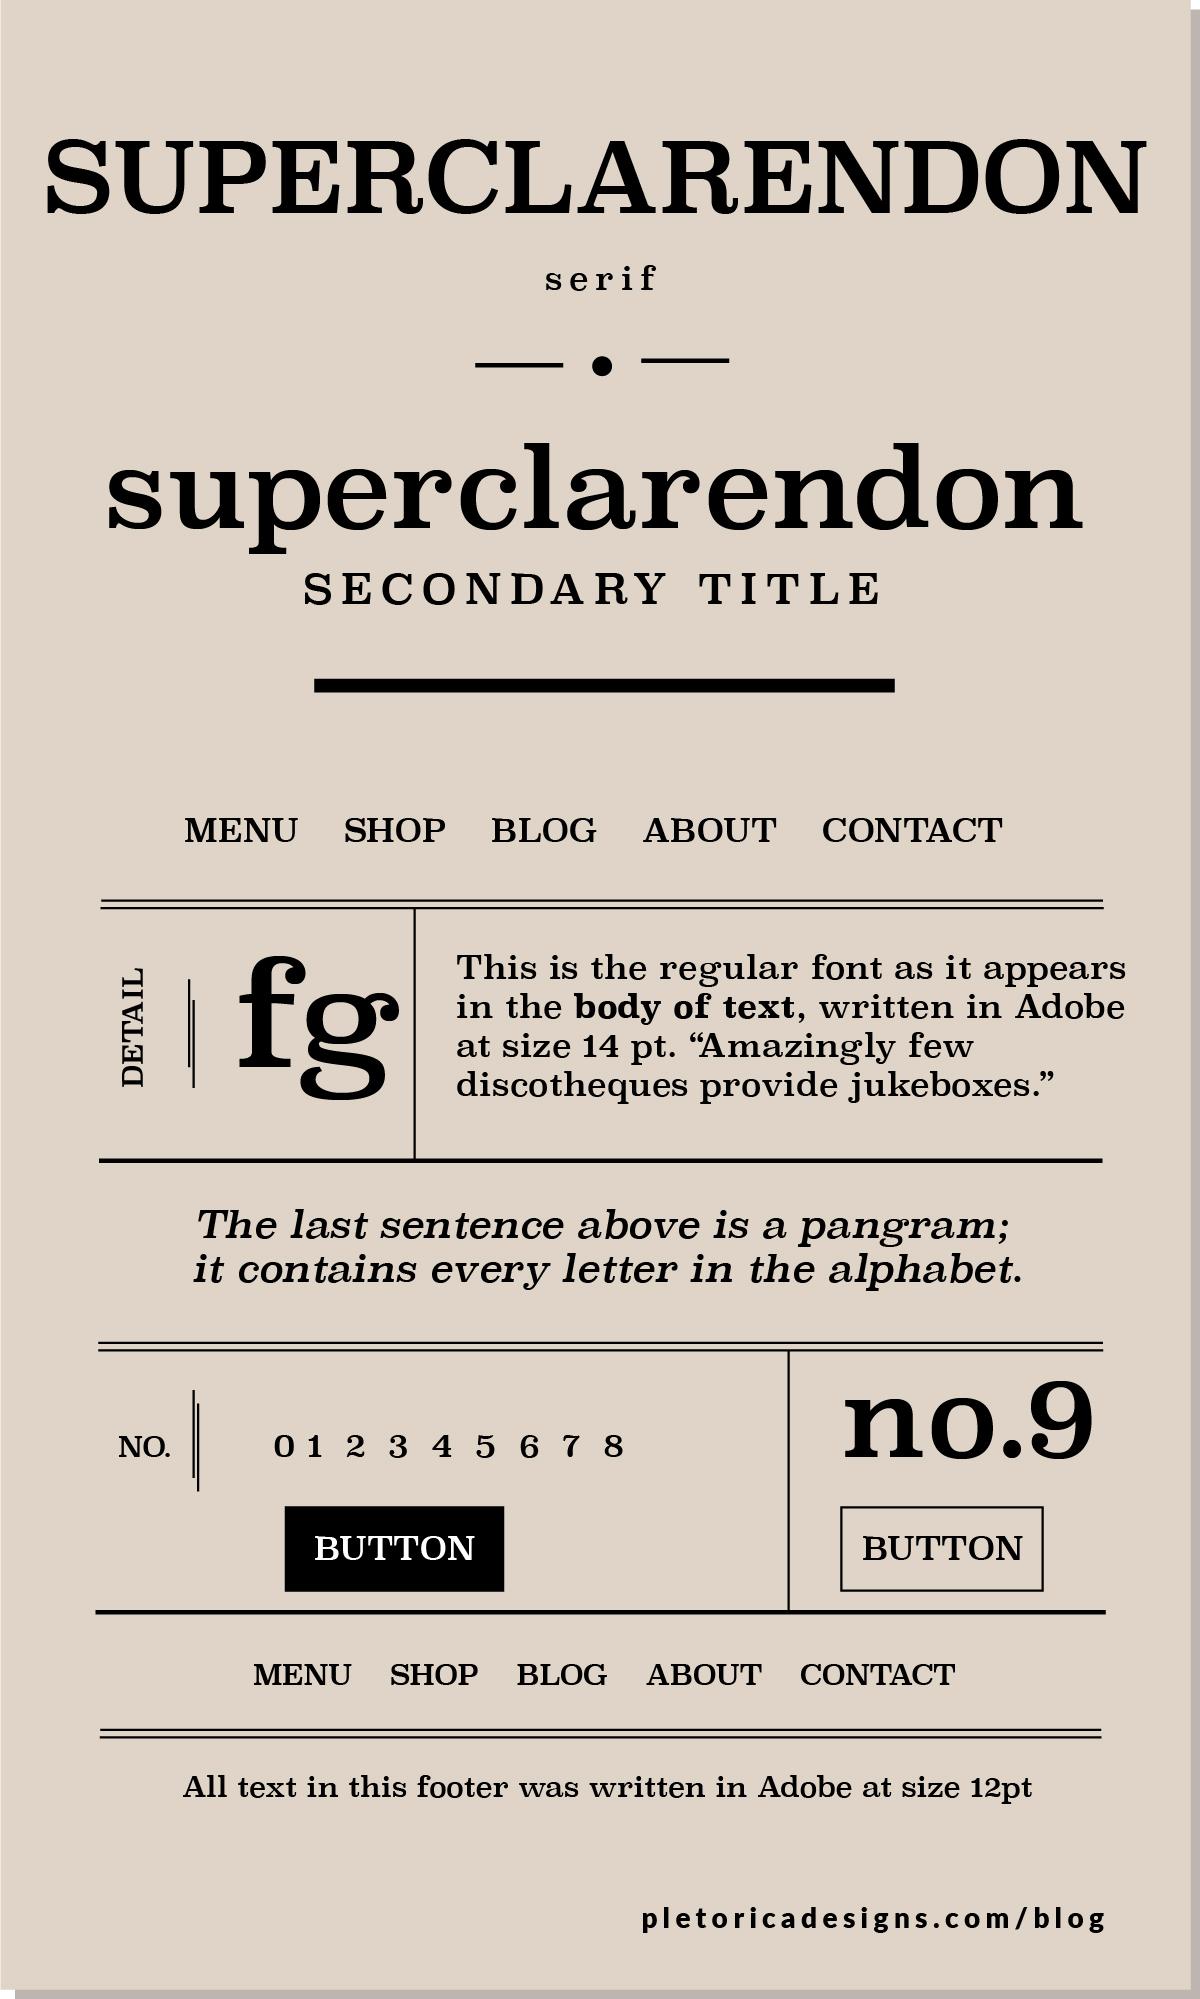 LET'S TYPE: Superclarendon — PLETÓRICA DESIGNS